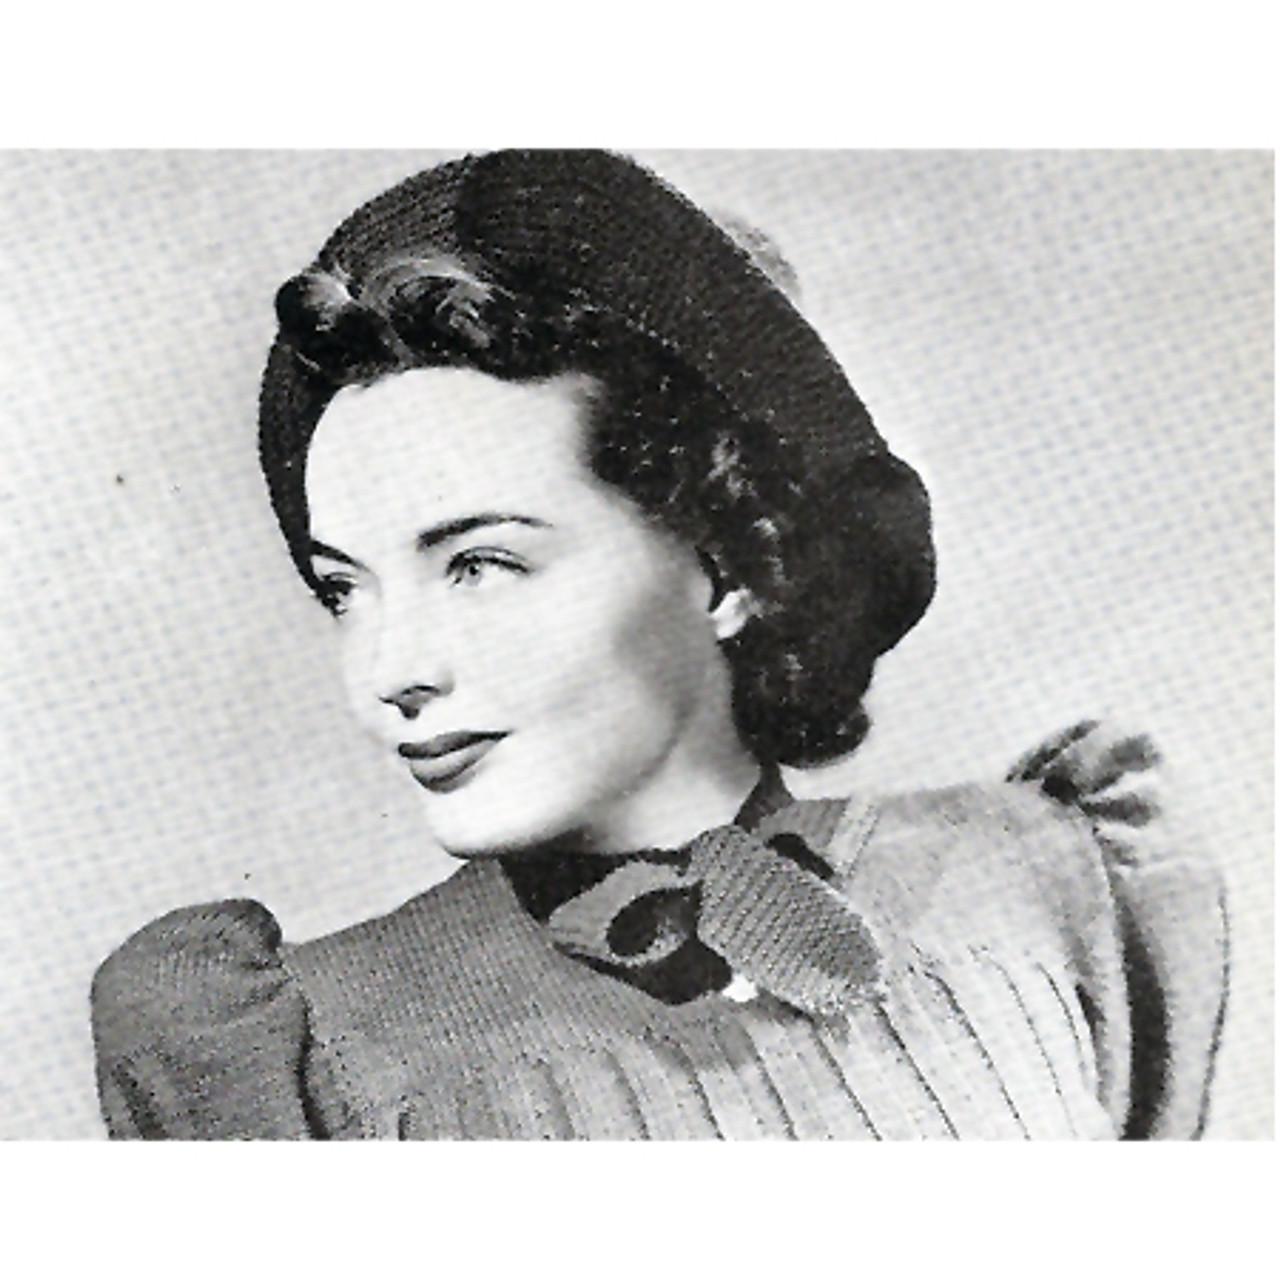 Vintage crocheted bonnet pattern